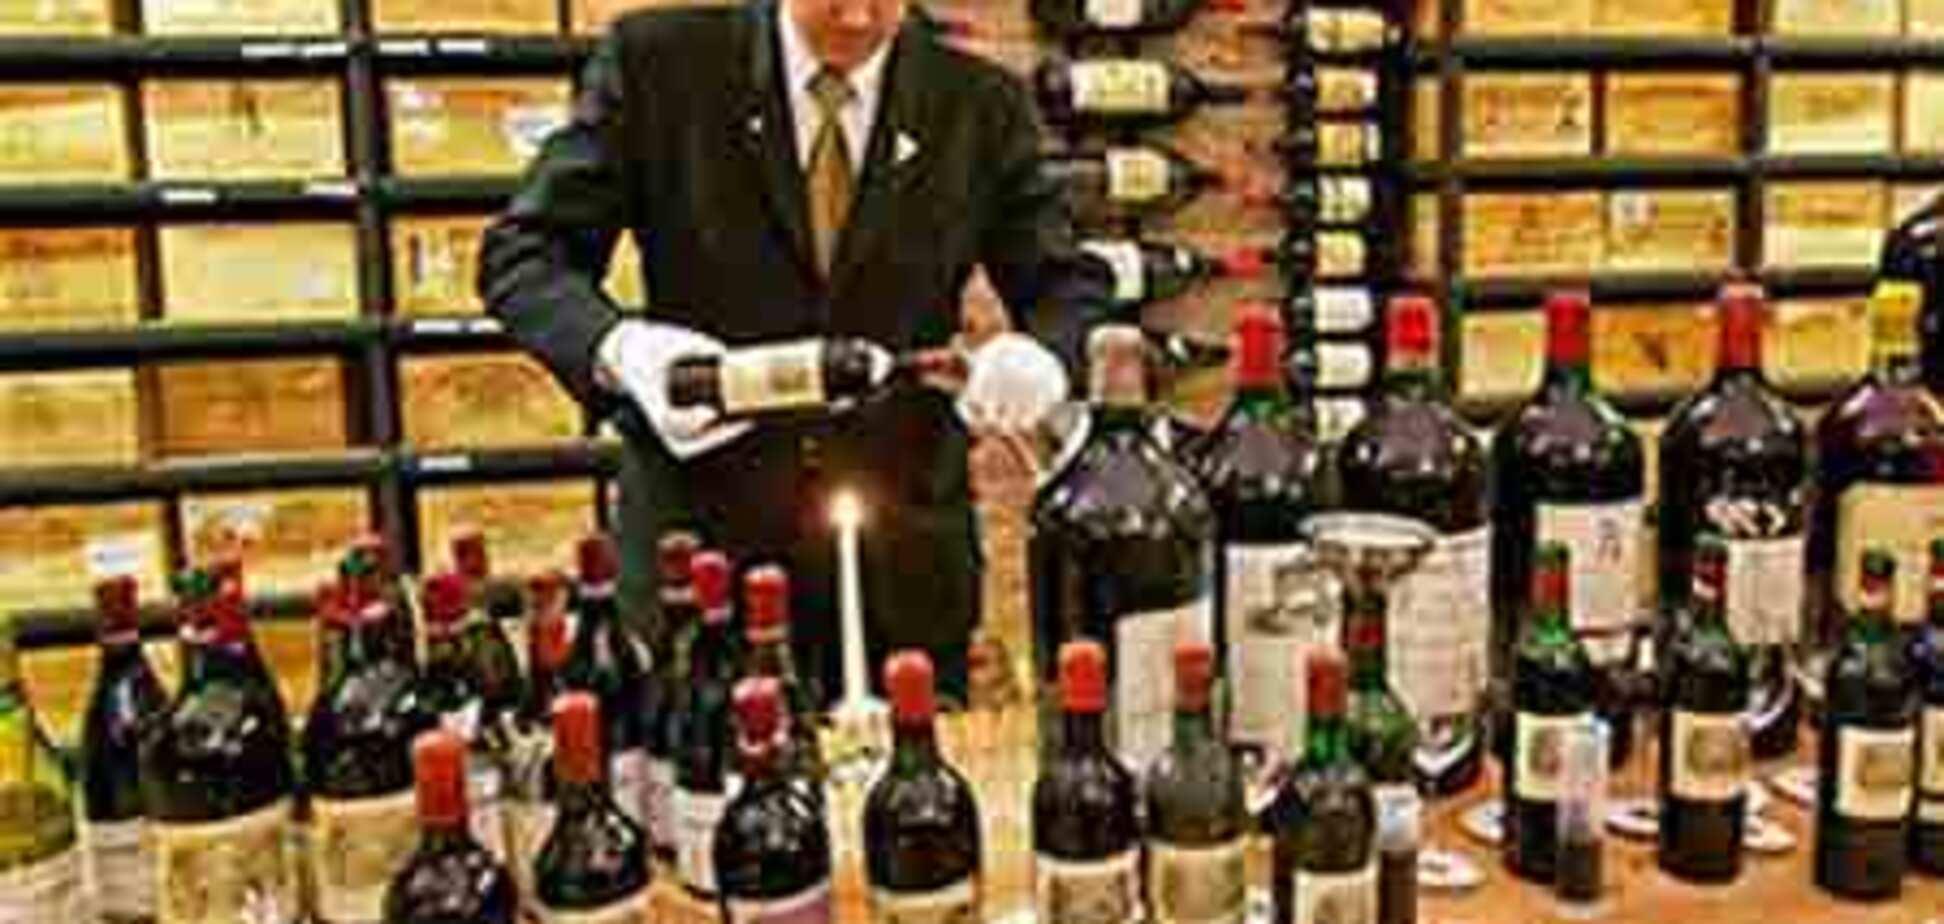 Праздник изысканных вин и продуктов